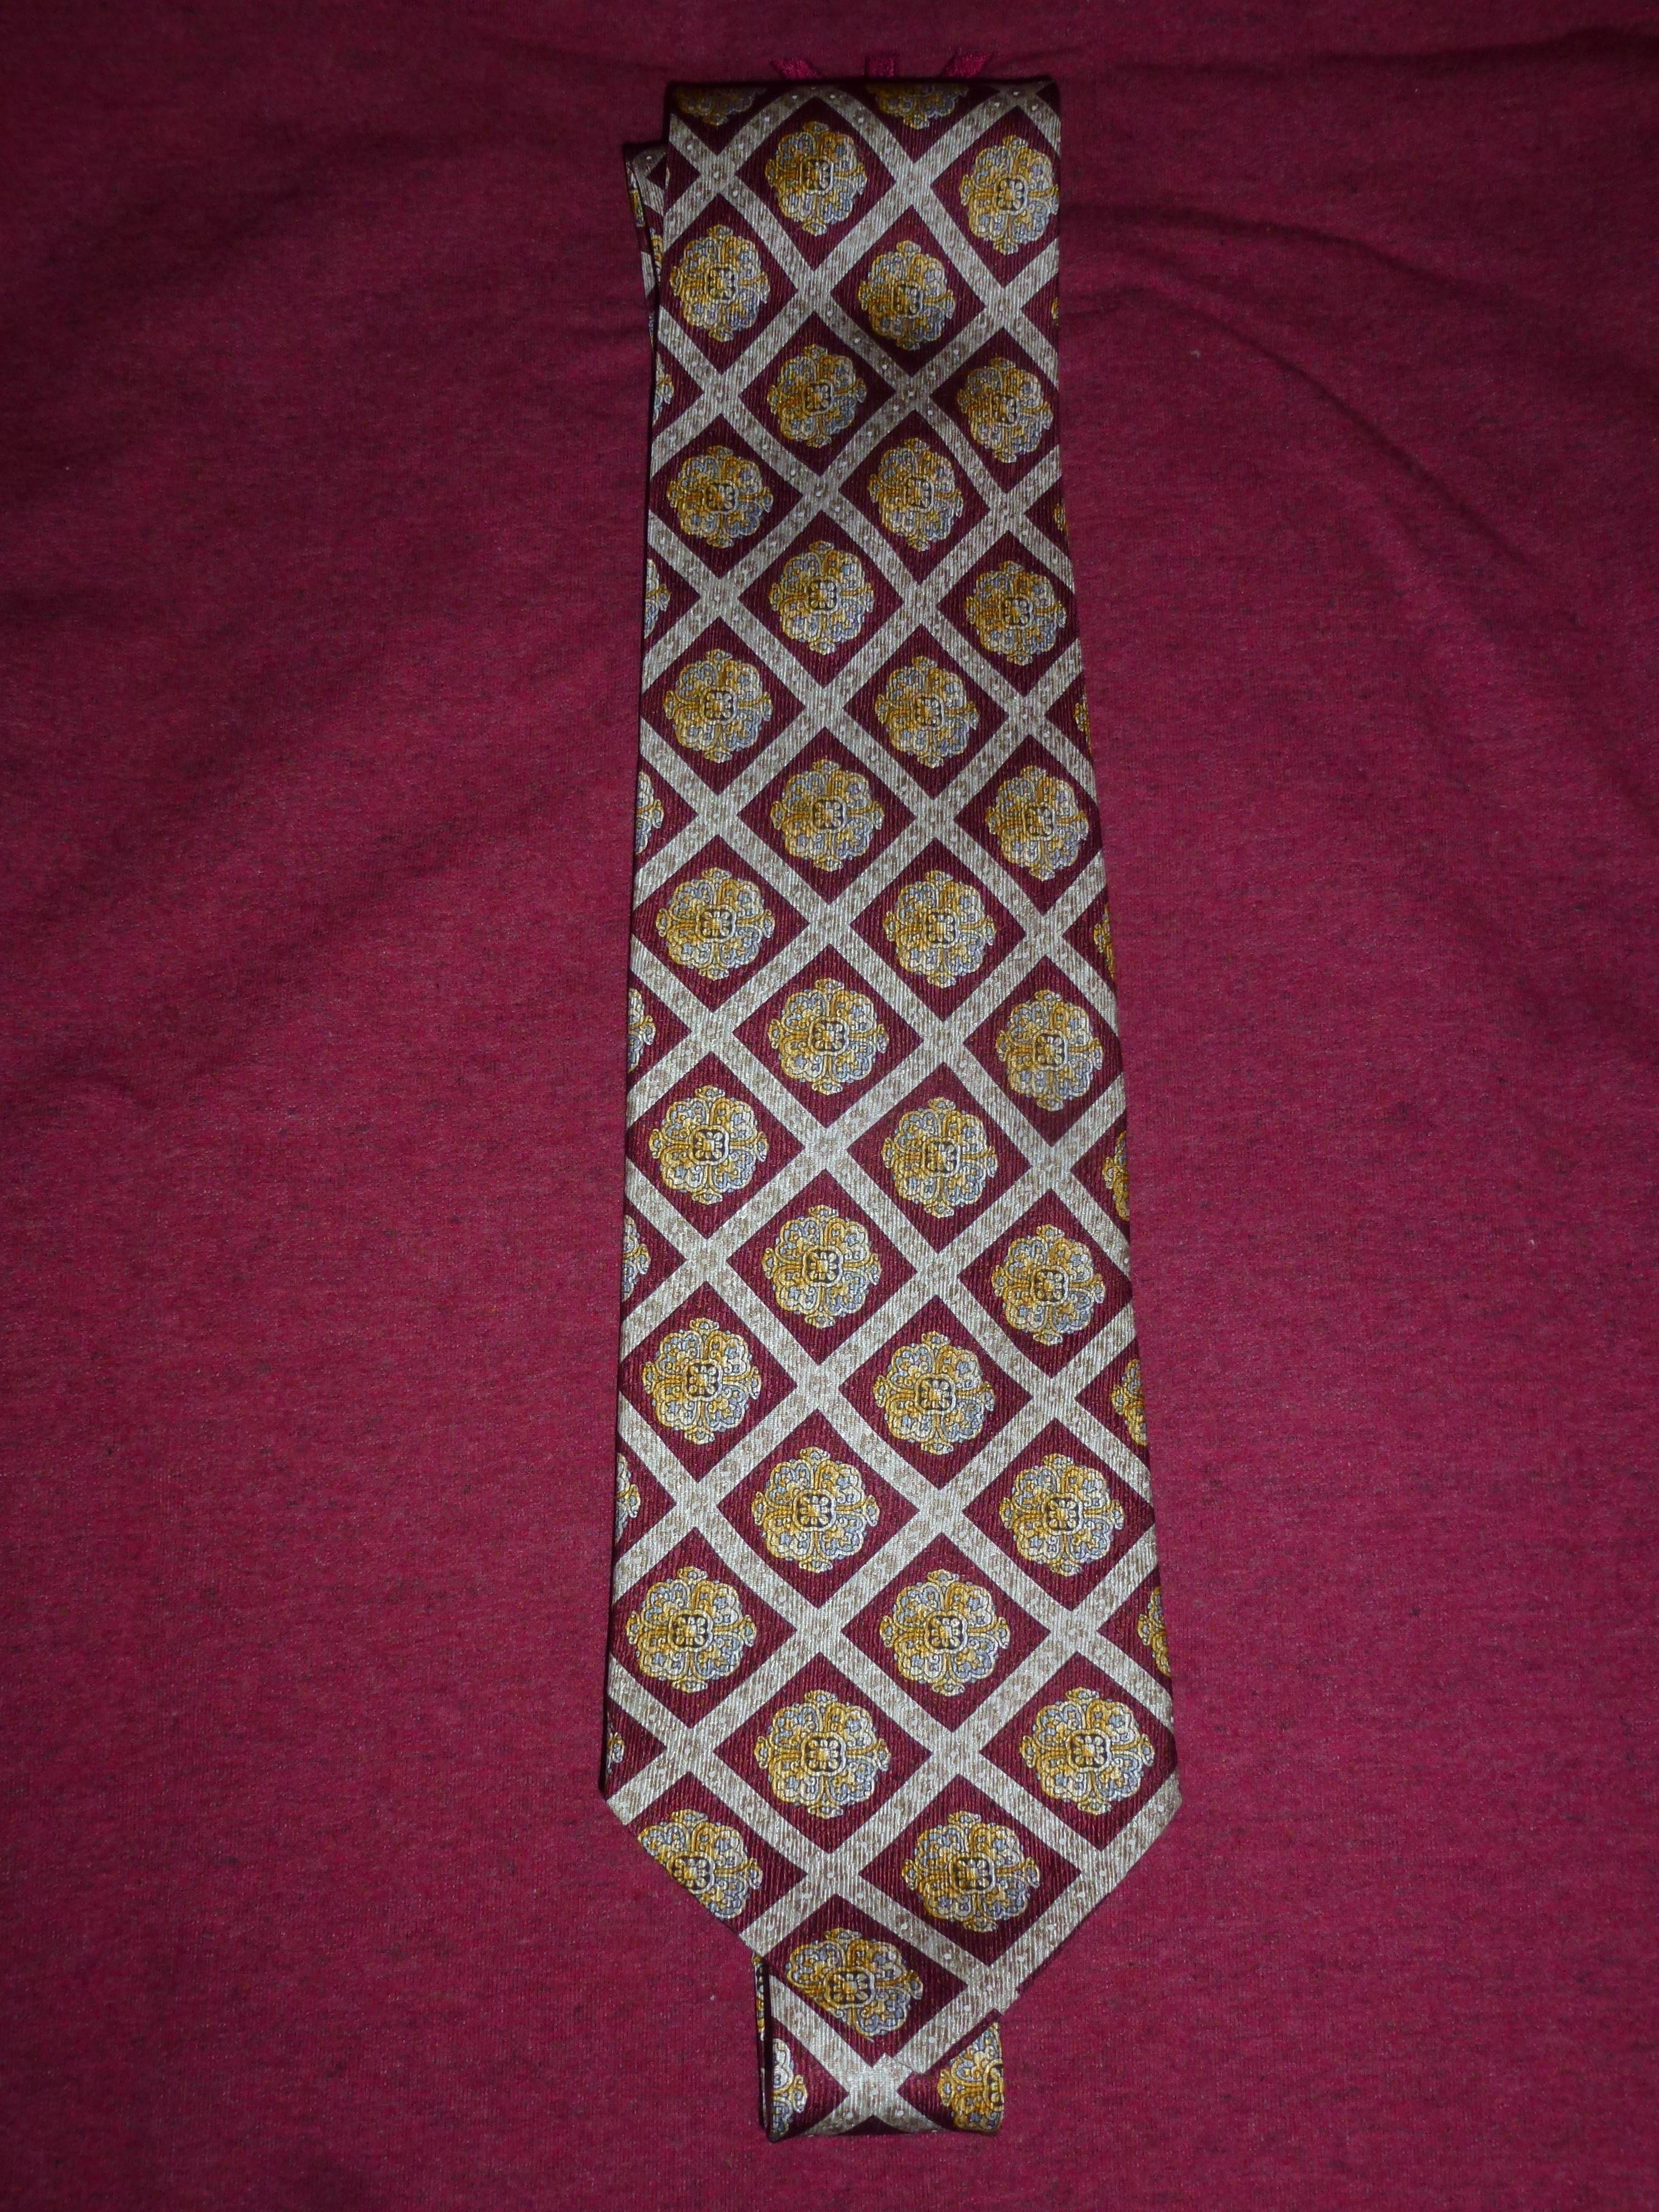 troc de troc cravate mcm neuve (made in italy) image 0